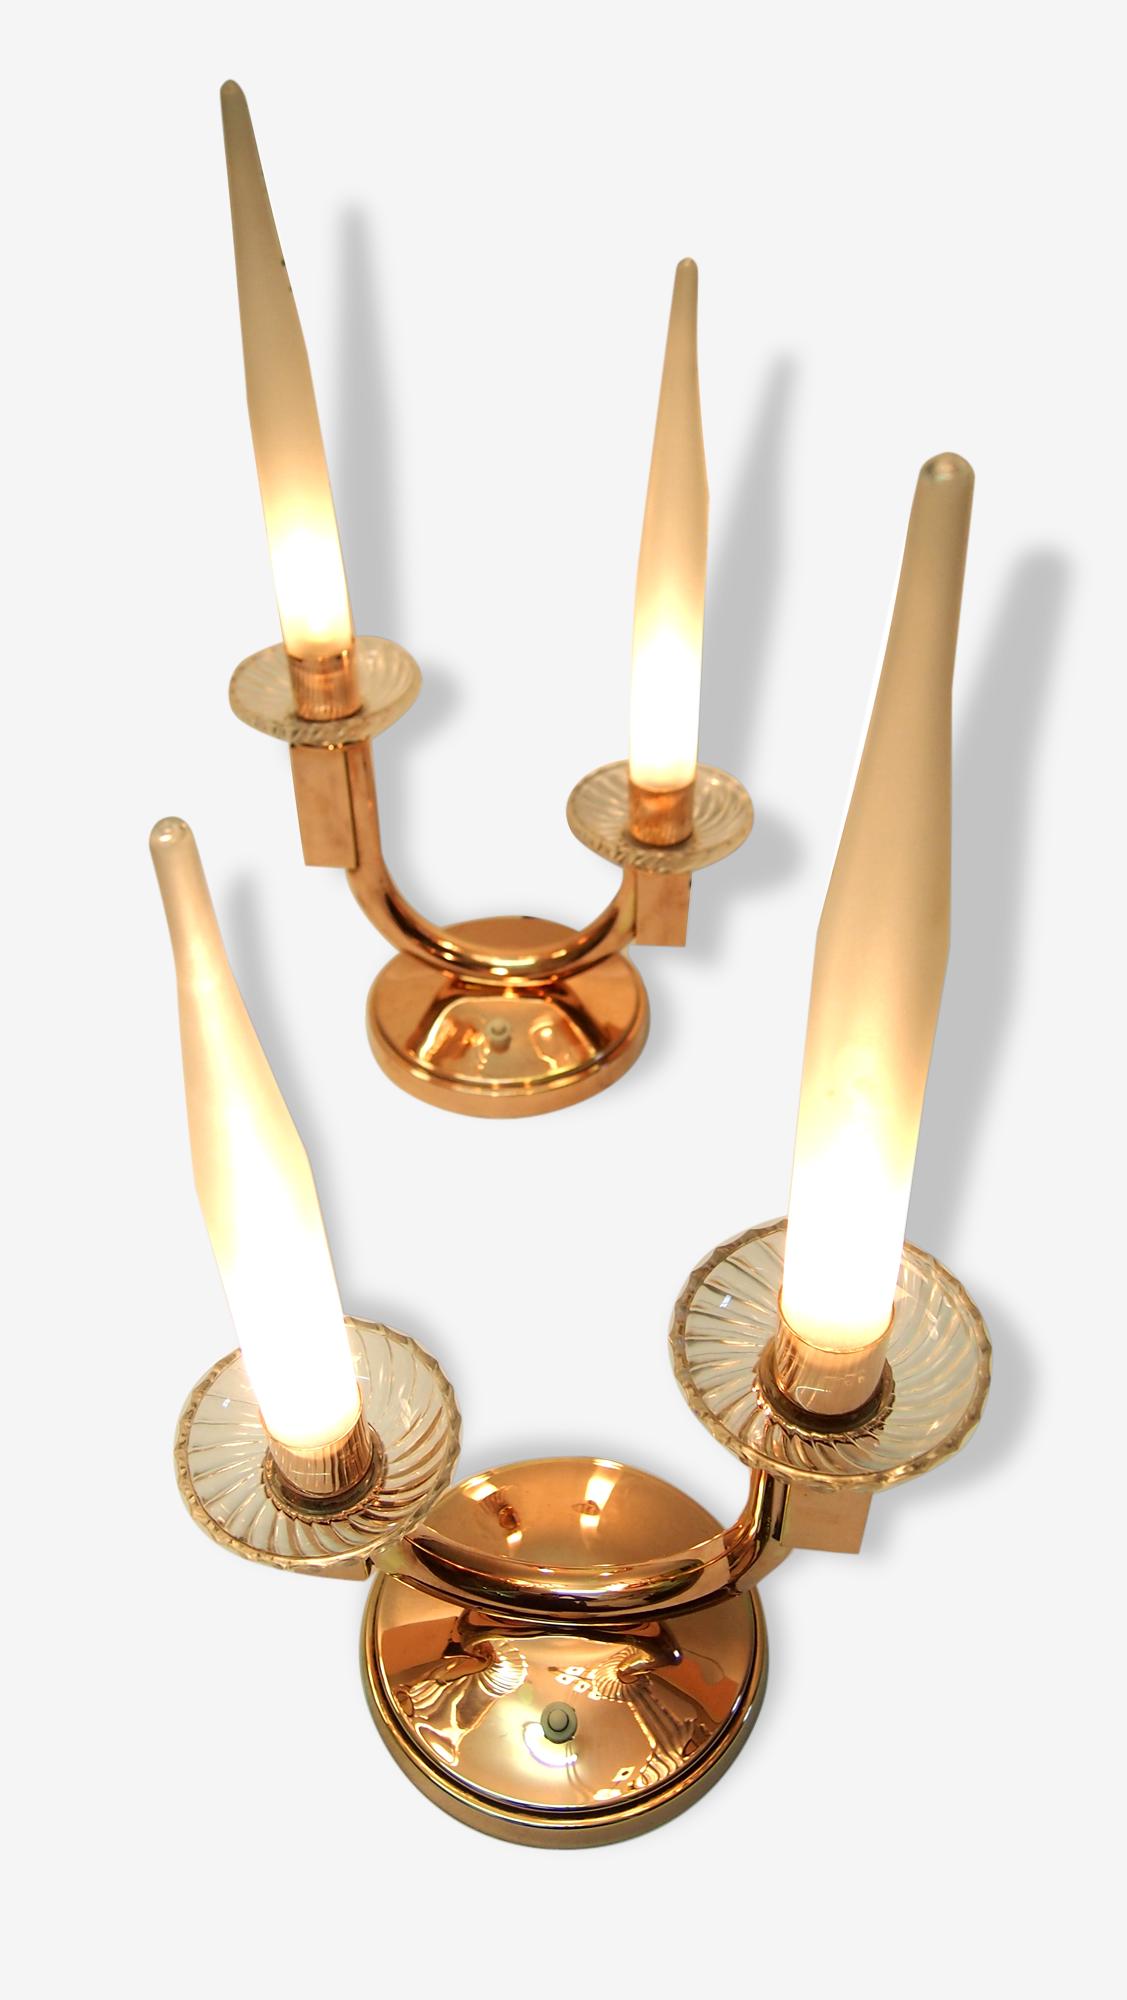 Paire lampes de table art deco Genet & Michon moderniste verre dépoli acide laiton